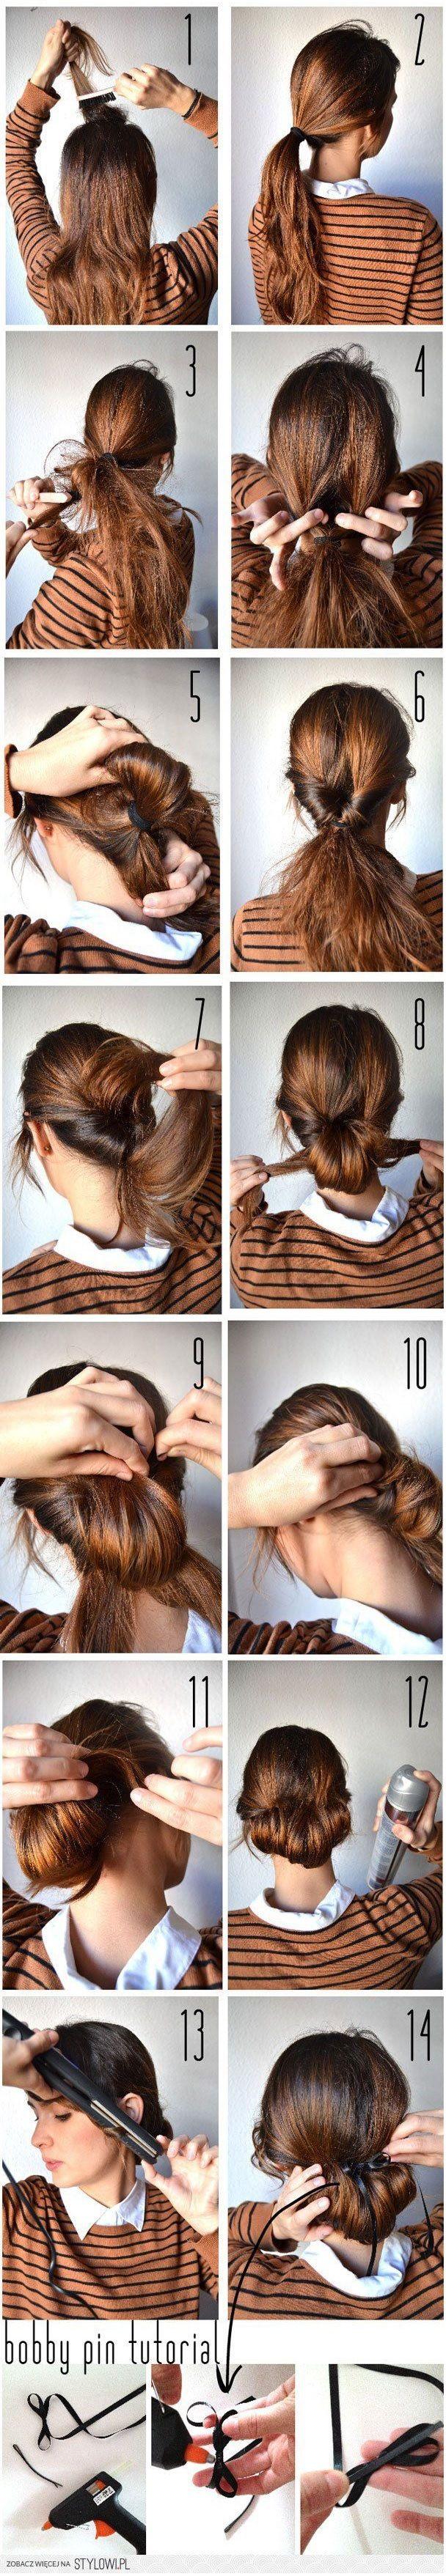 Tuto chignon - Tutoriel photo | Coiffures chignon facile, Tuto coiffure et Chignon coiffure en ...